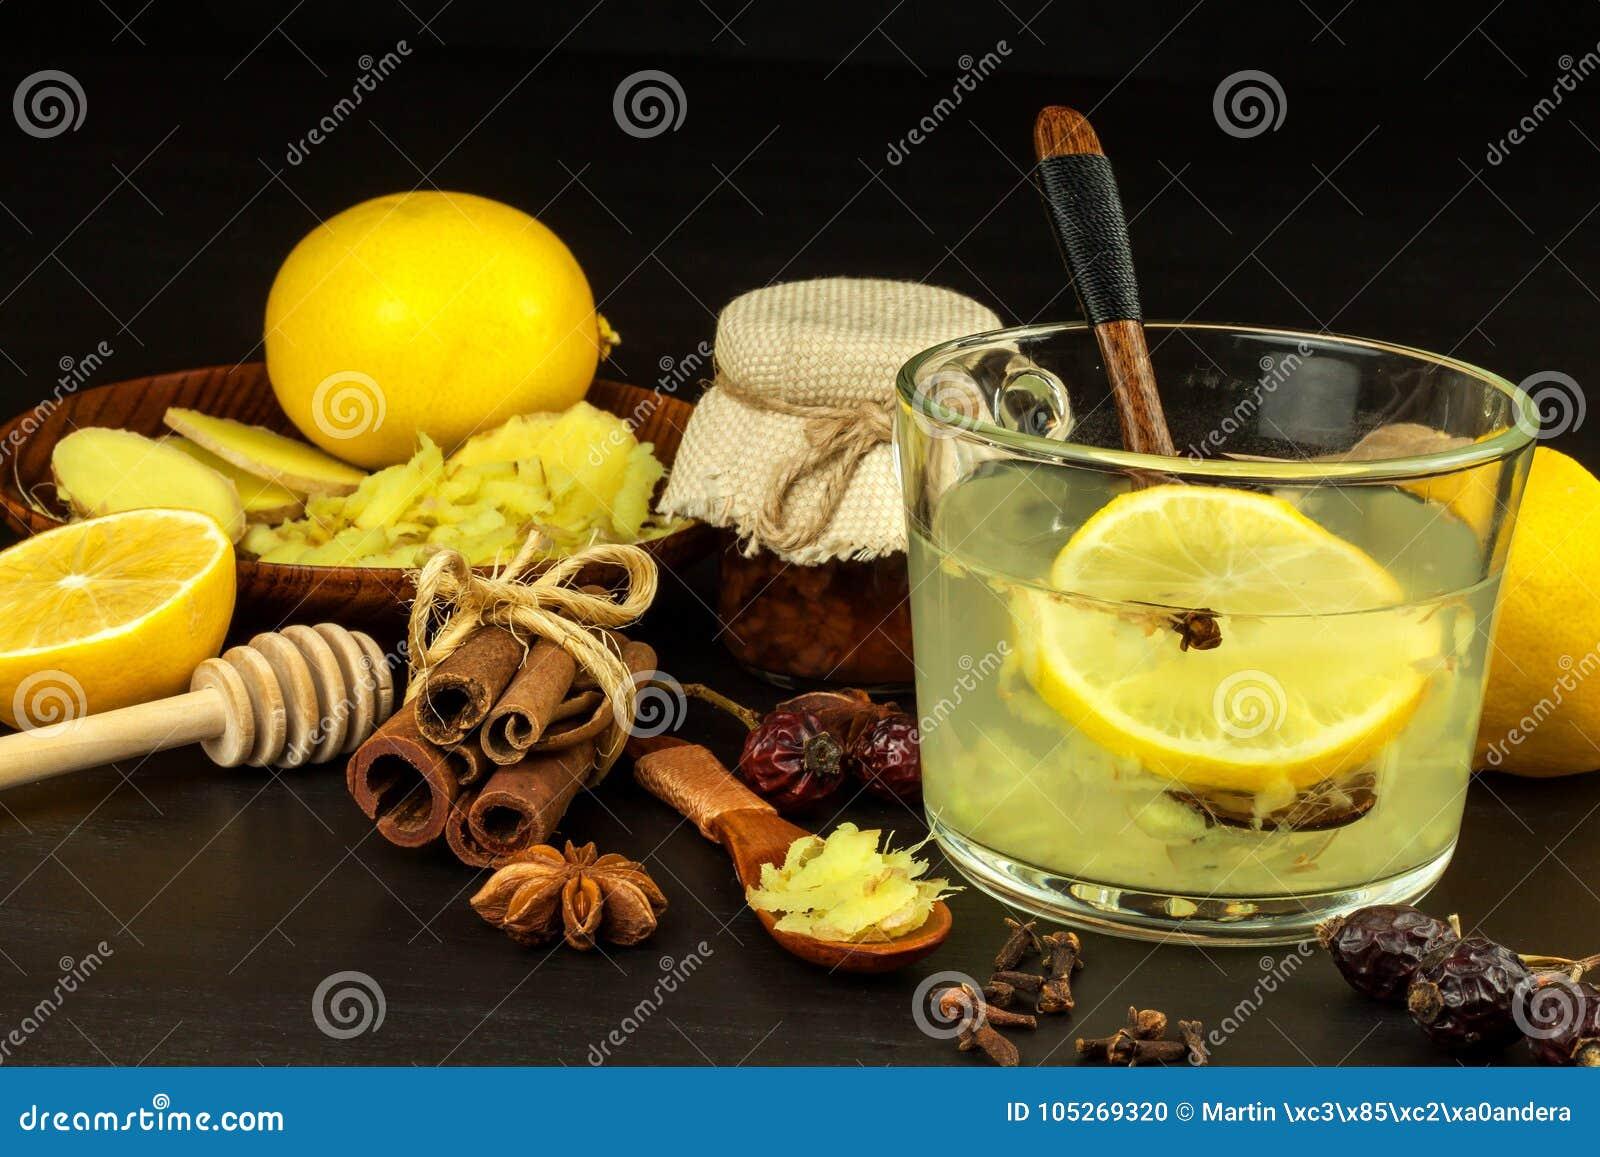 te de limon con miel para la gripe